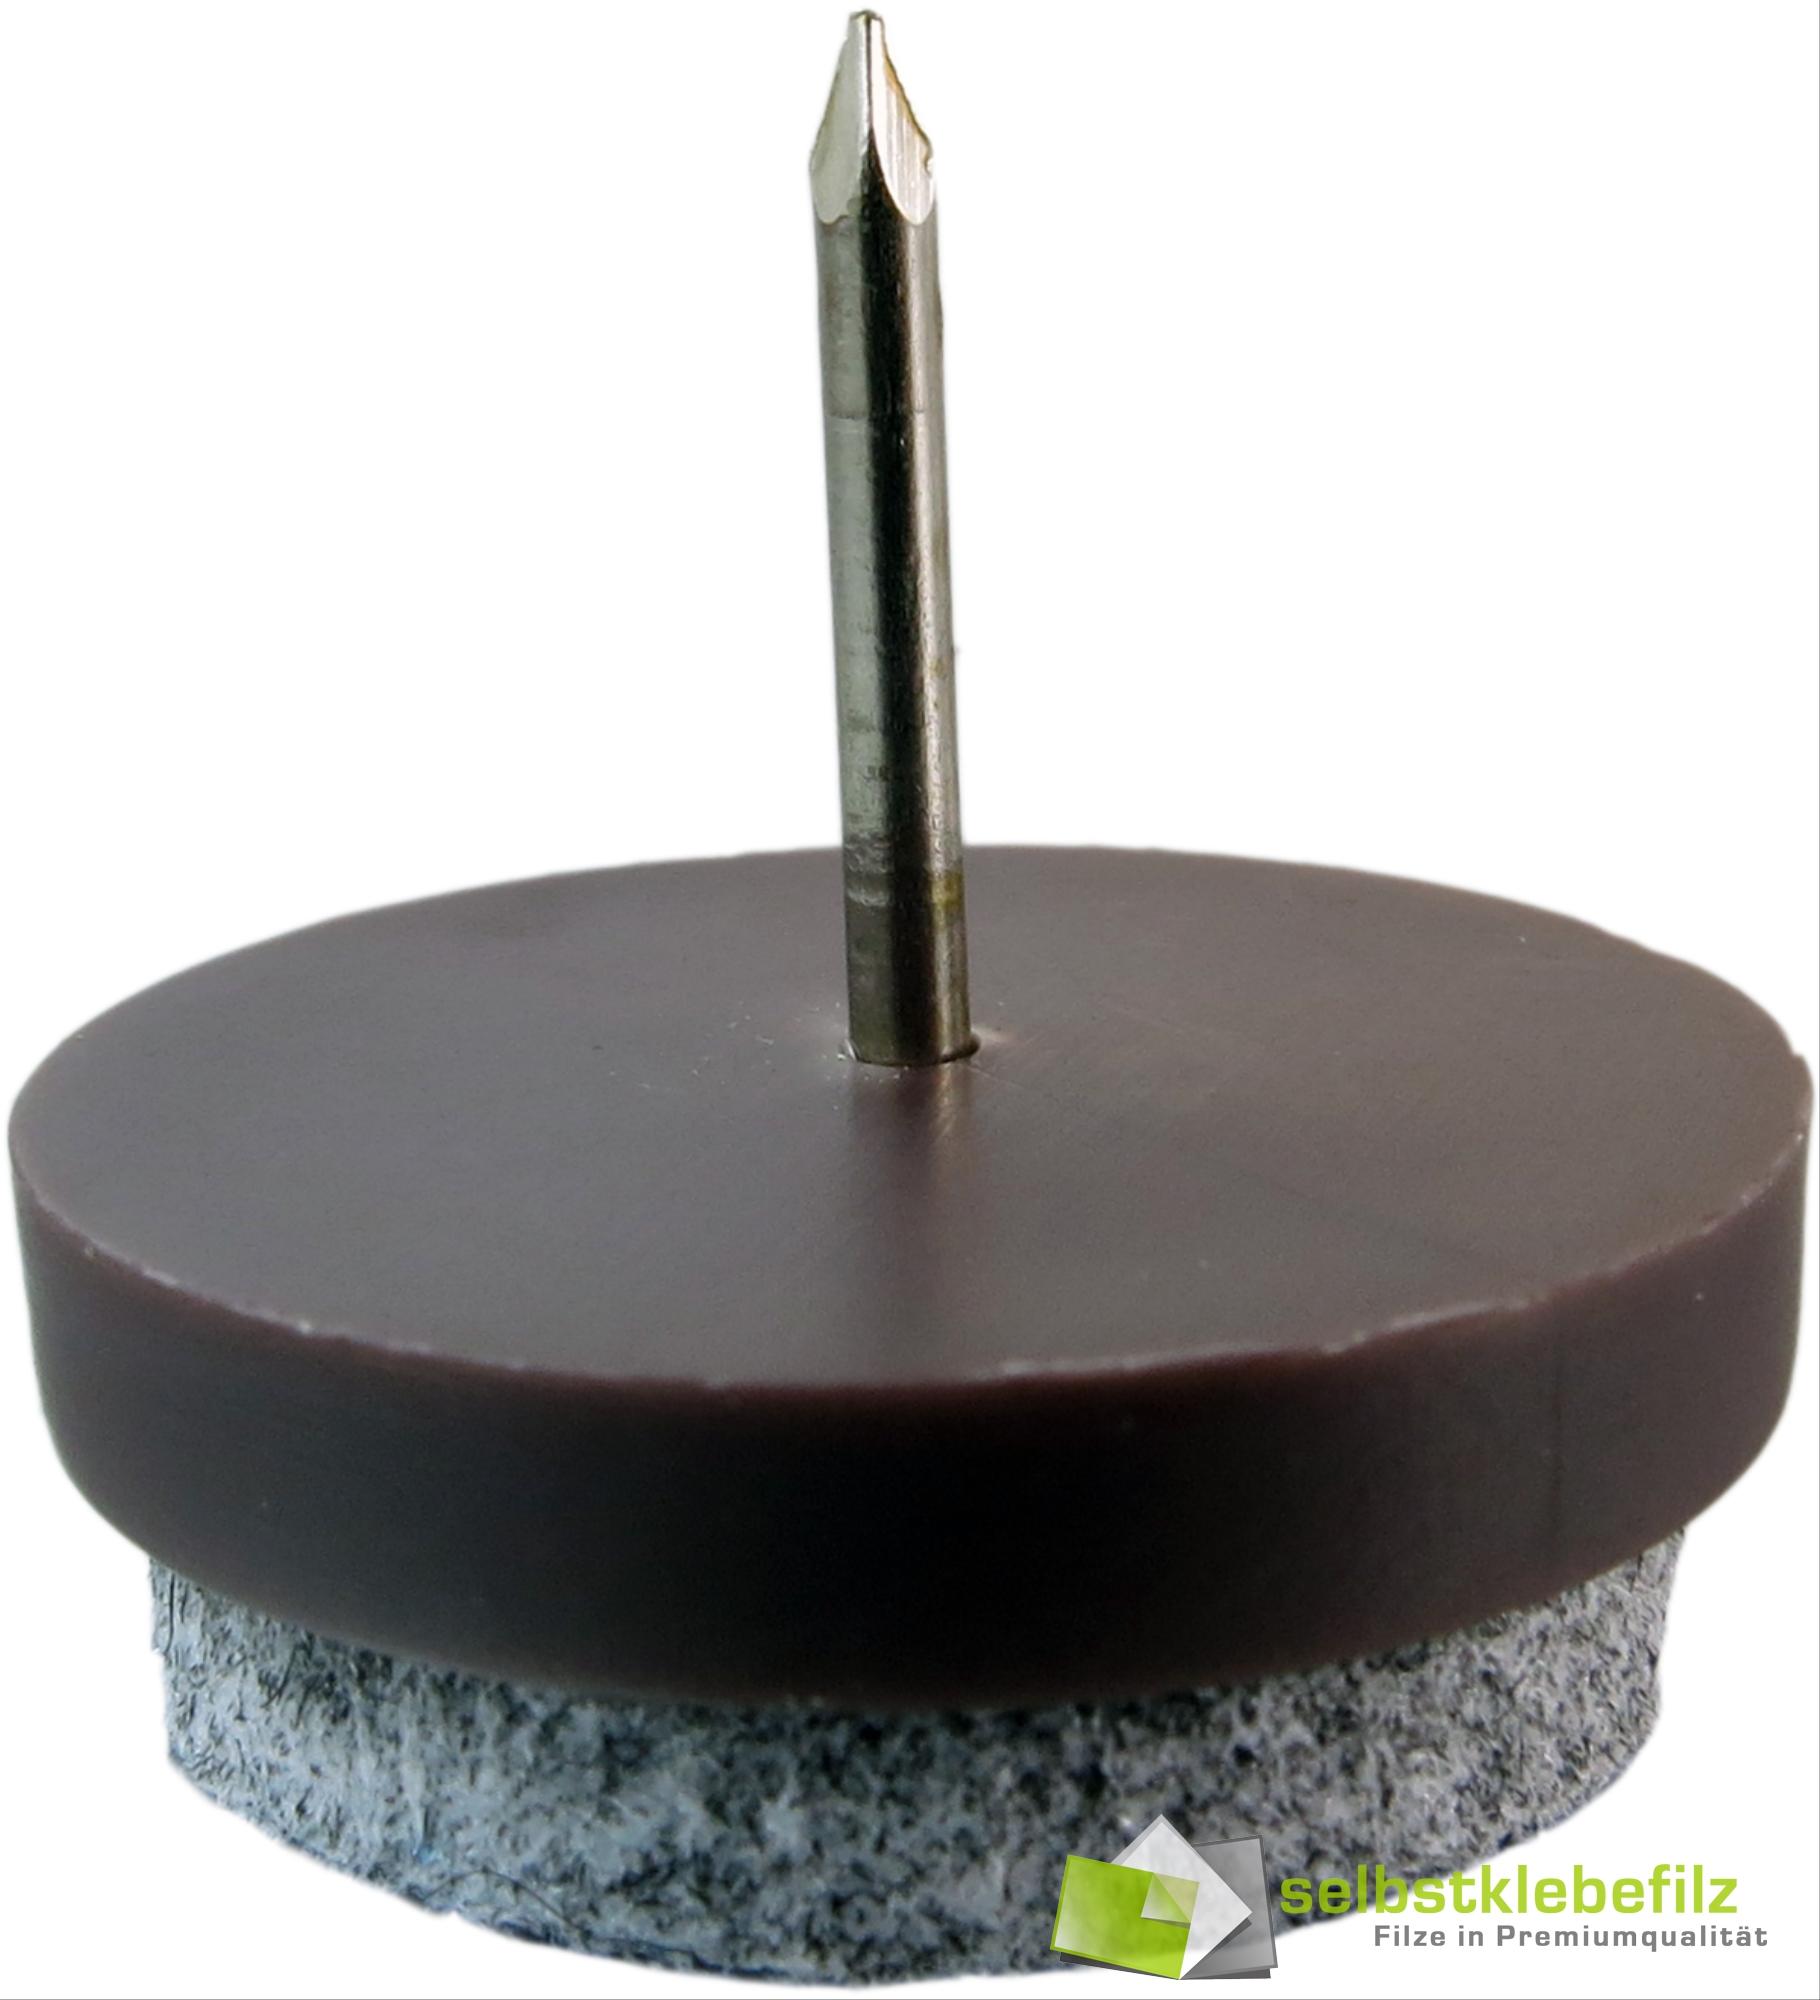 profi m belgleiter langlebig filzgleiter stuhlgleiter mit nagel 17 20 22 24 28 ebay. Black Bedroom Furniture Sets. Home Design Ideas